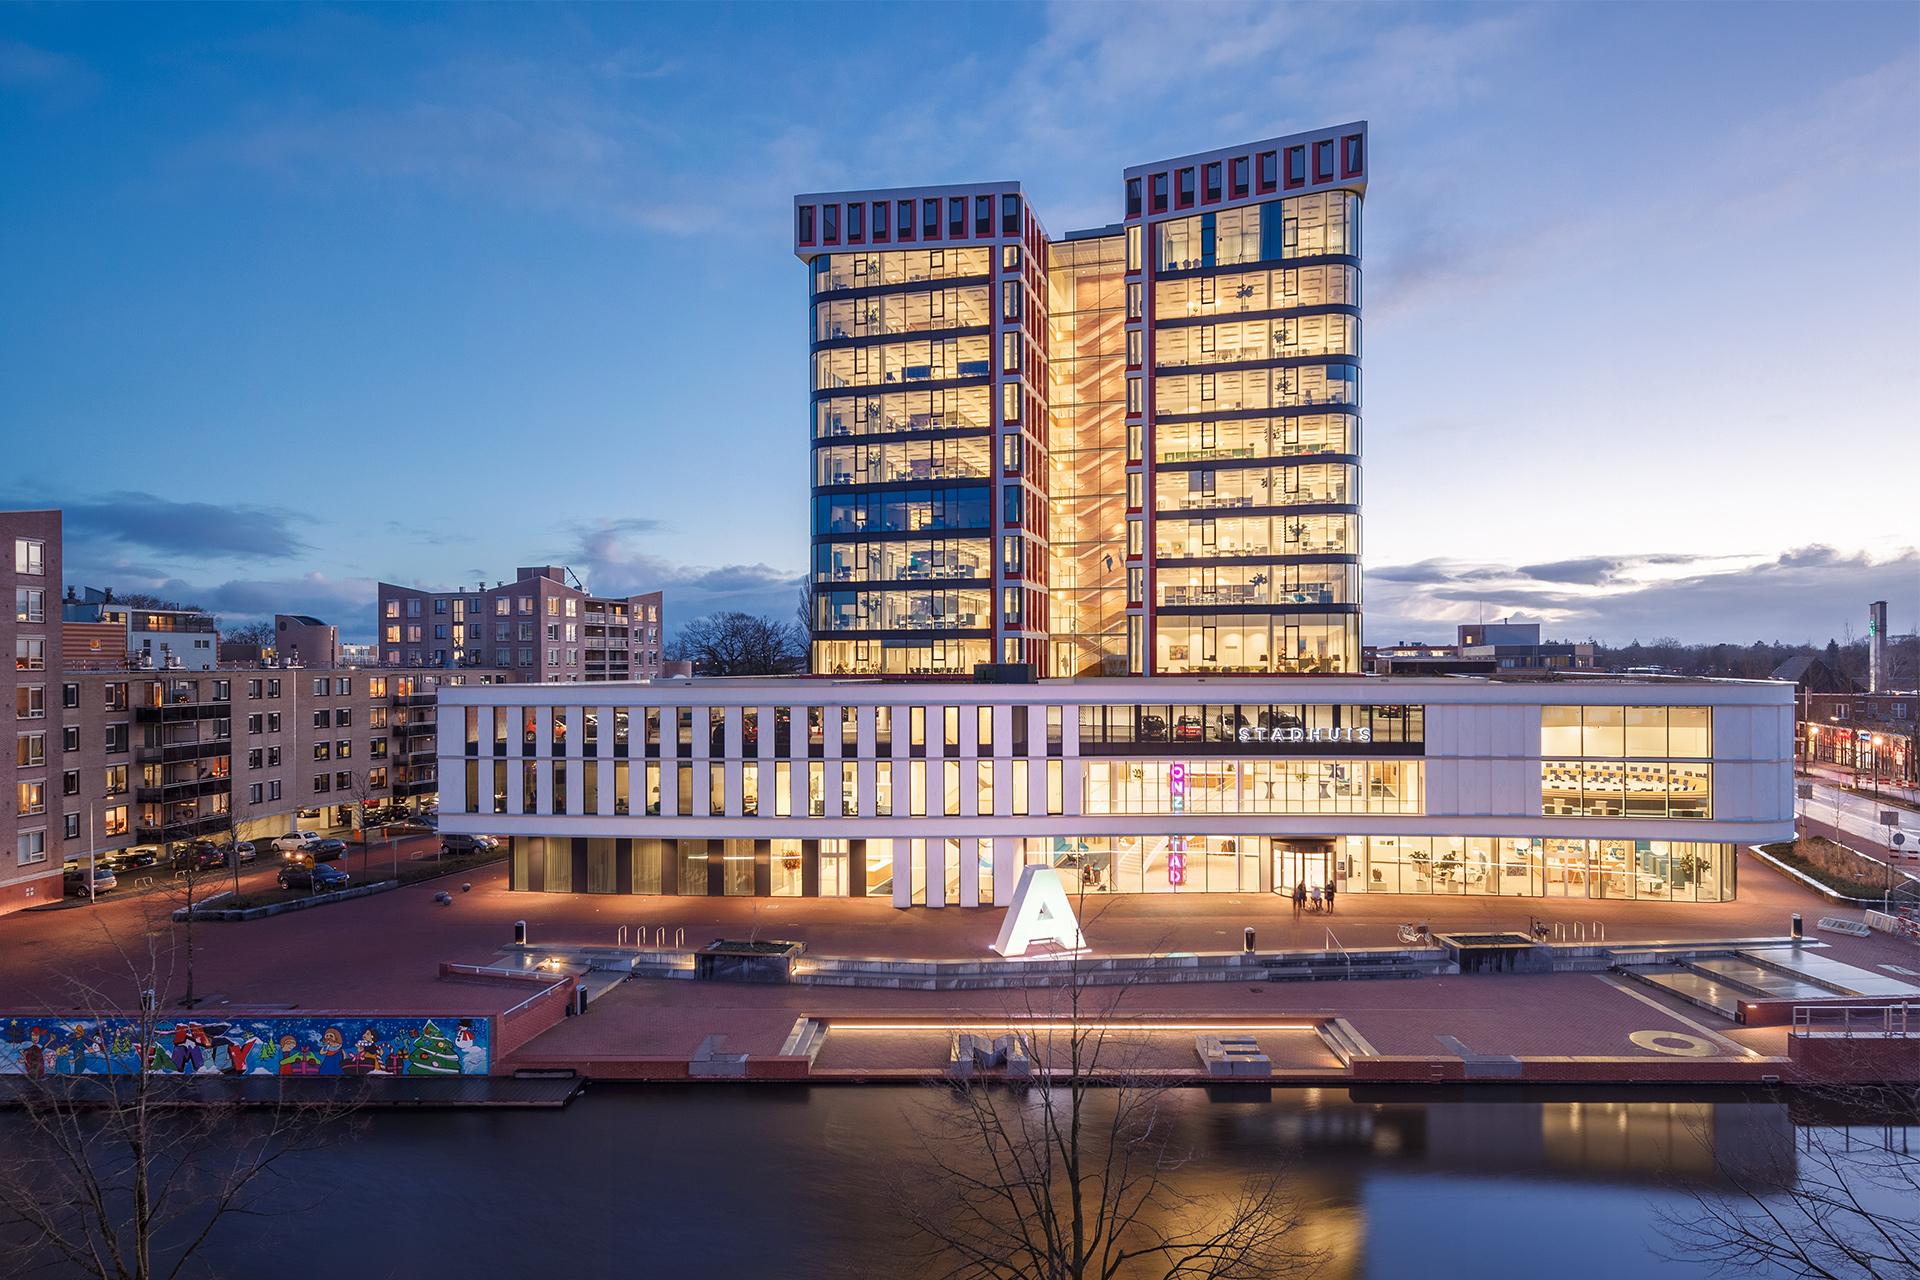 SP-Stadhuis-Almelo-avond-3